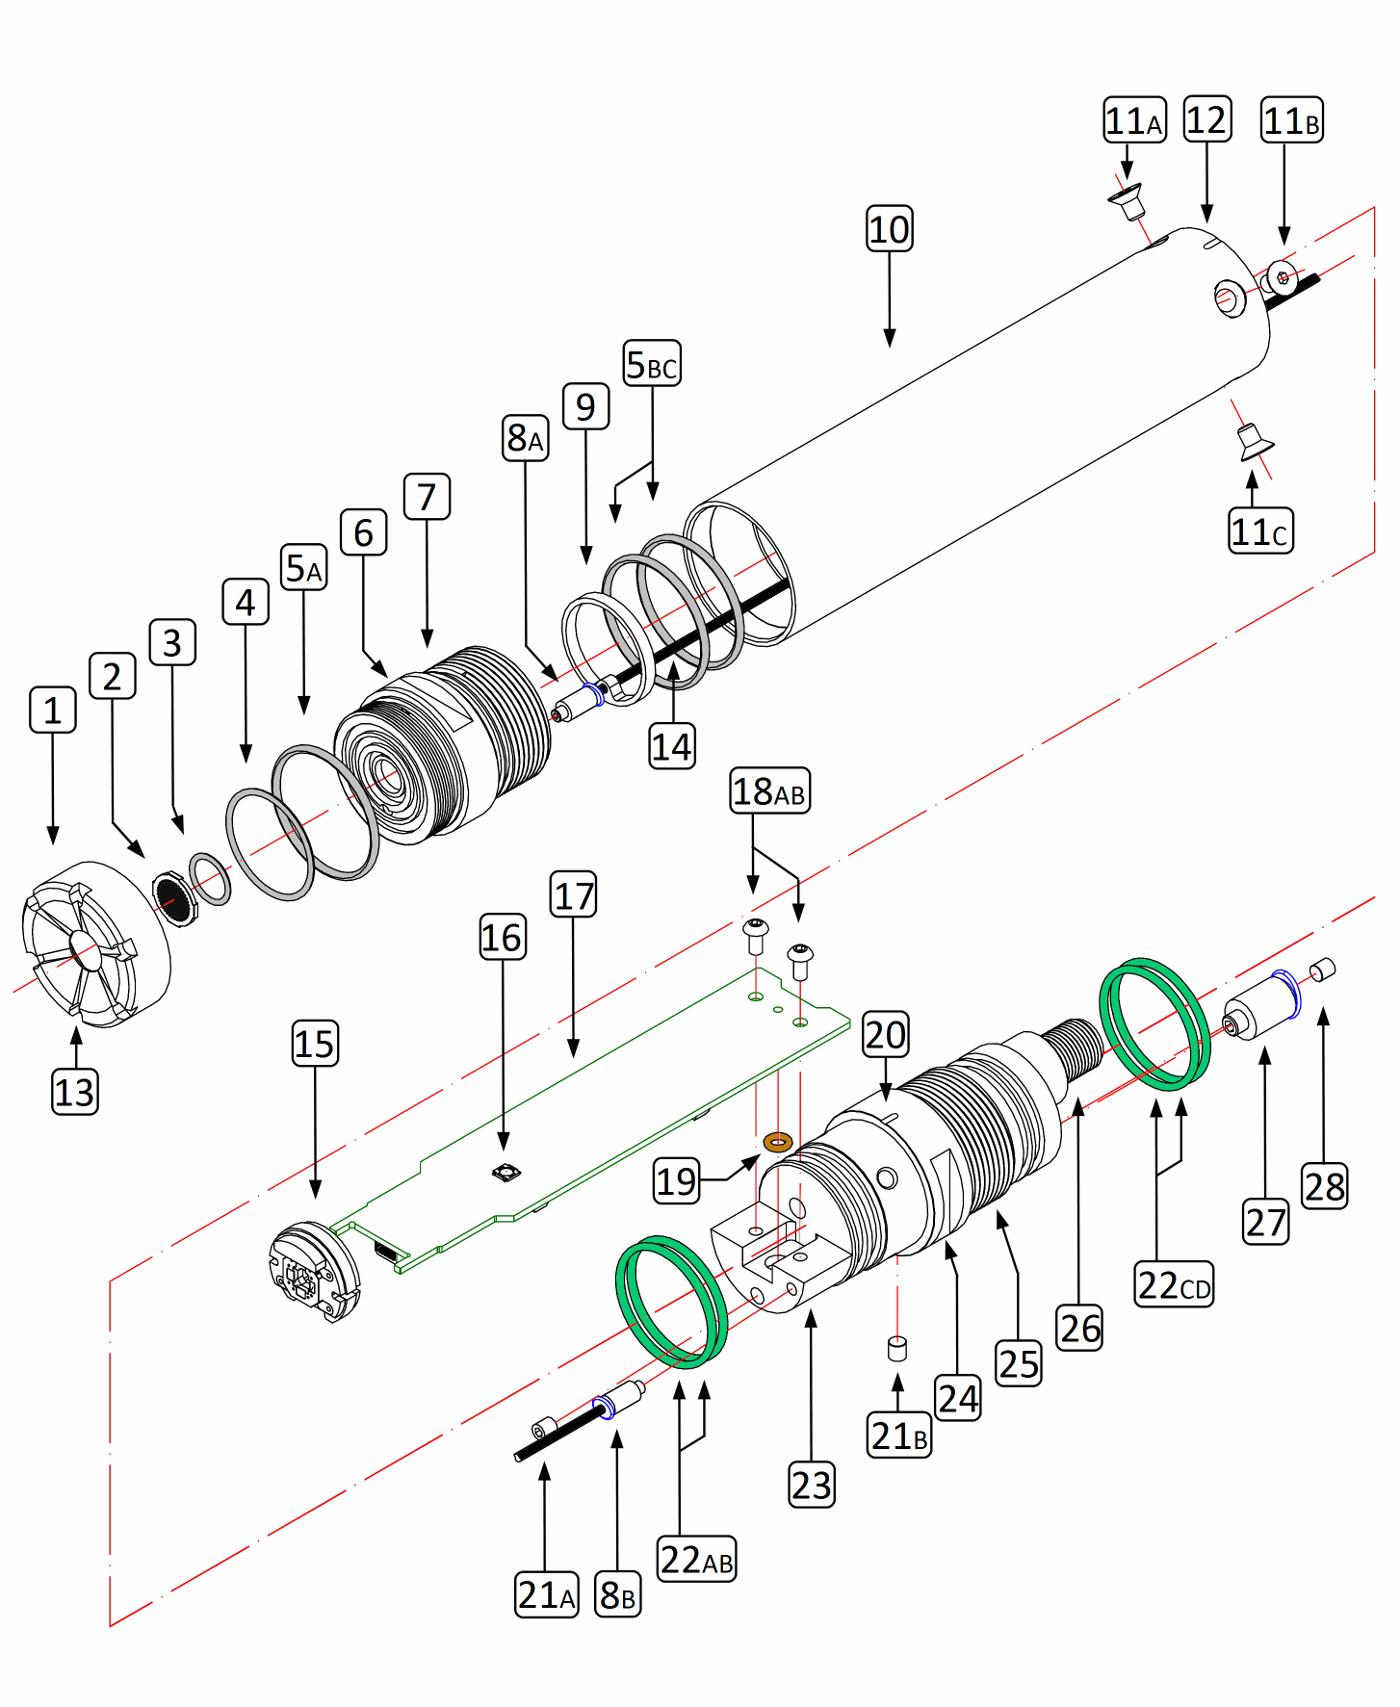 schumacher se 1520 wiring diagram schumacher se 2158 diagram elsavadorla